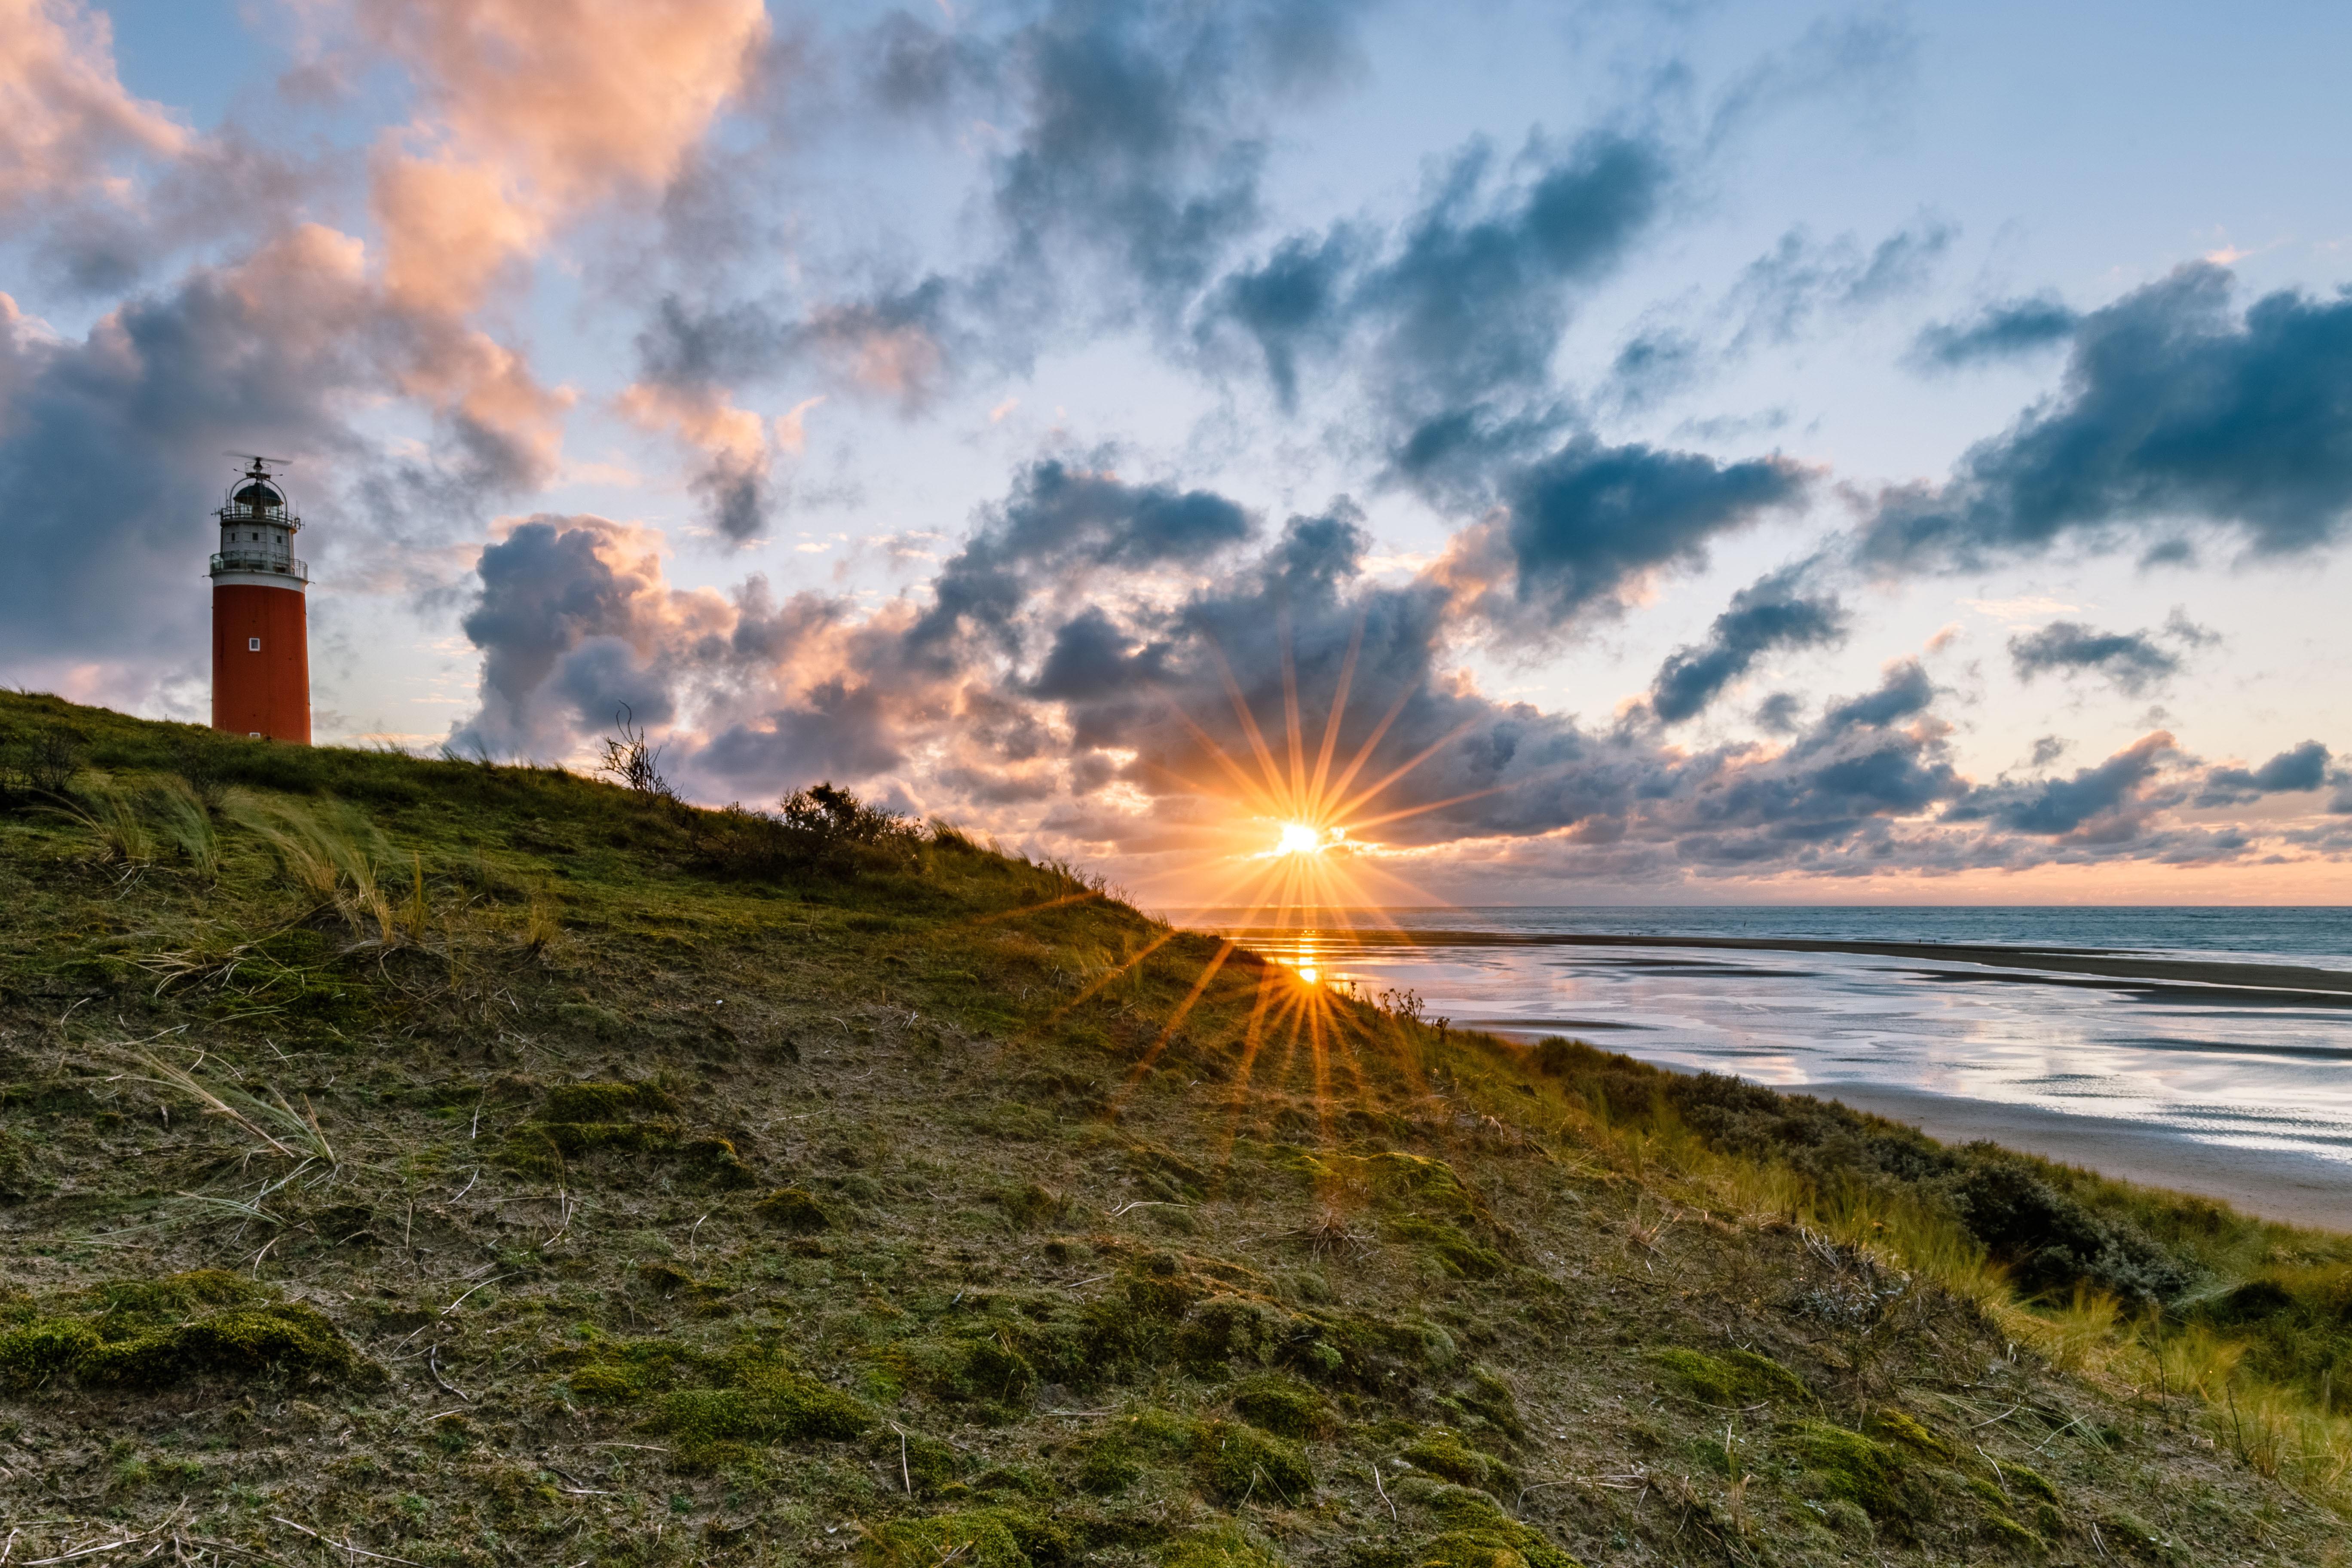 Zonsondergang bij de vuurtoren fotowedstrijd VVV Texel Kevin van den Hoven